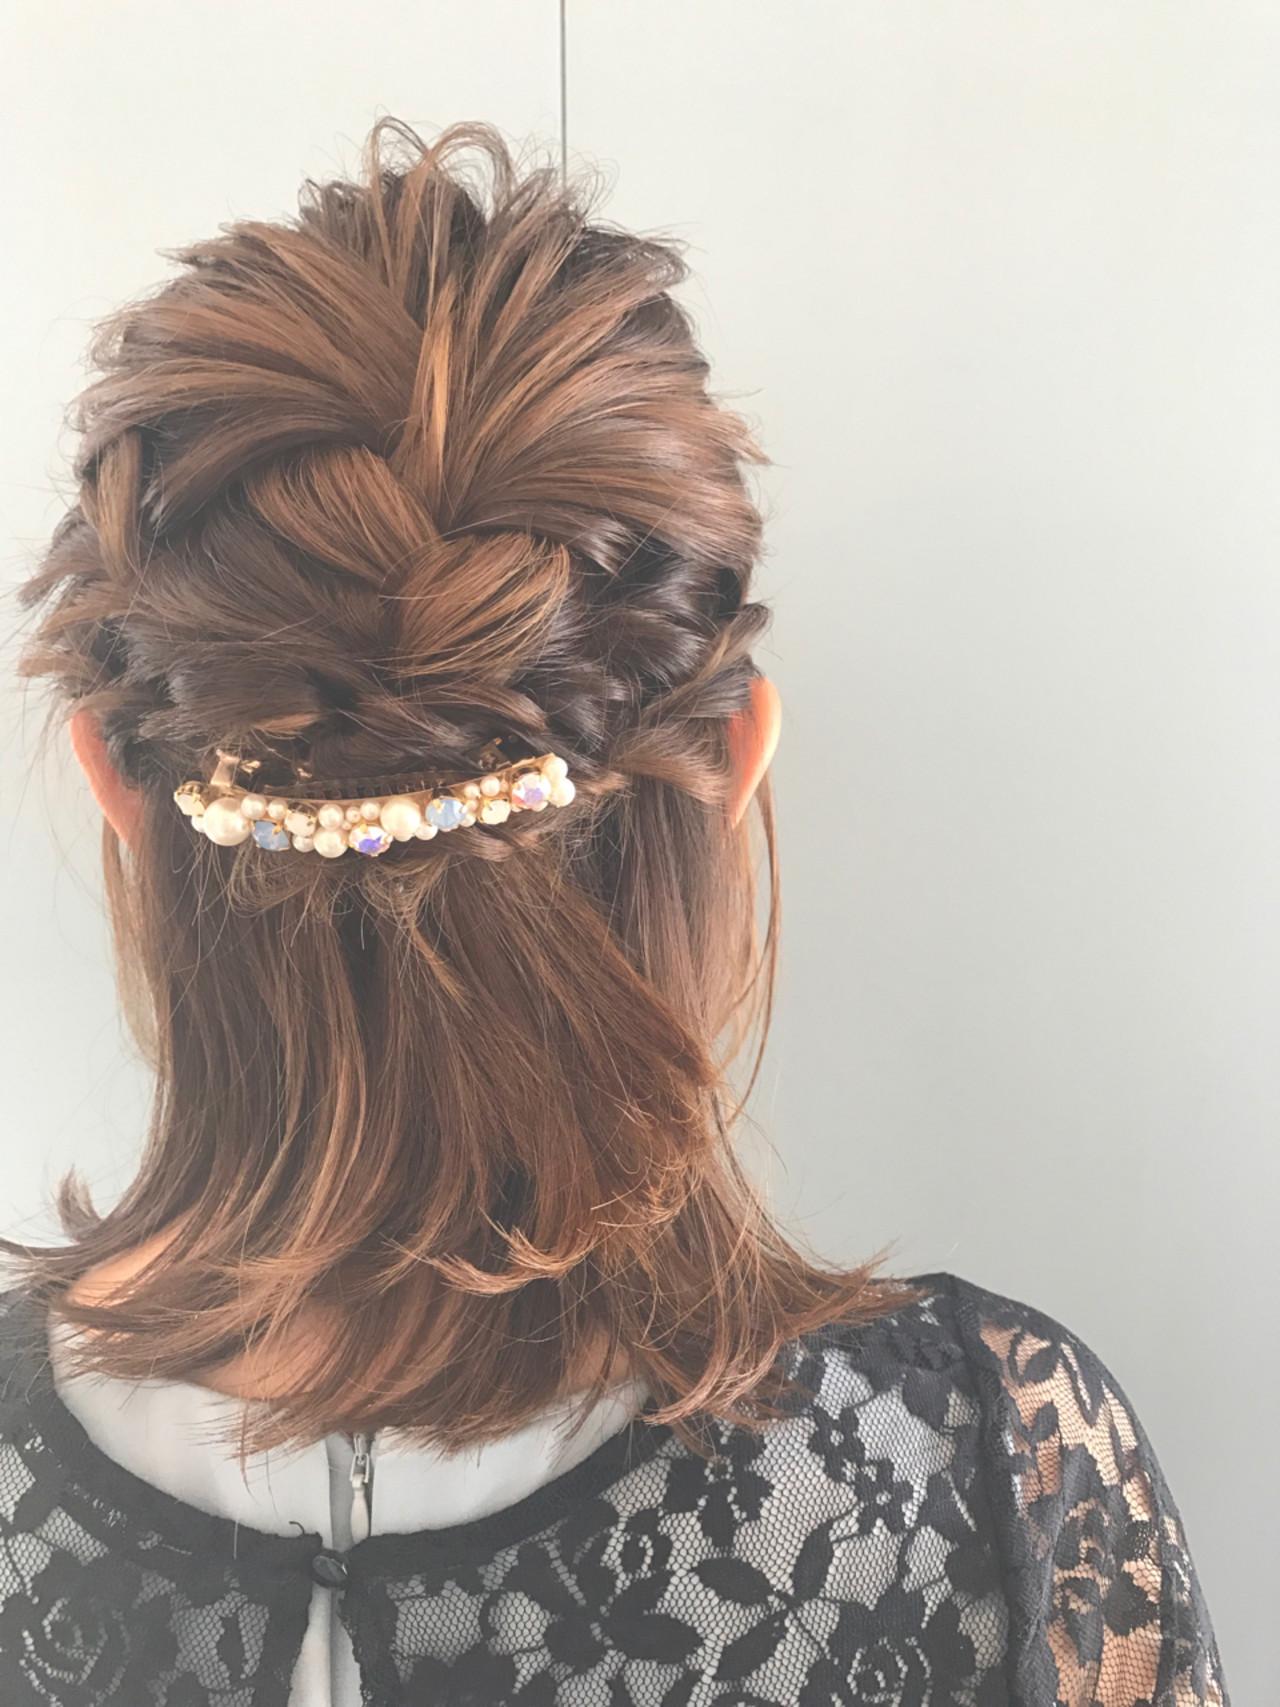 爽やかなバレッタをつけた上品なヘアアレンジです。トップにはボリュームをだし、毛先はすっきりとボリュームを控えめにすることで、全体のバランスもきれいに整いますよ。